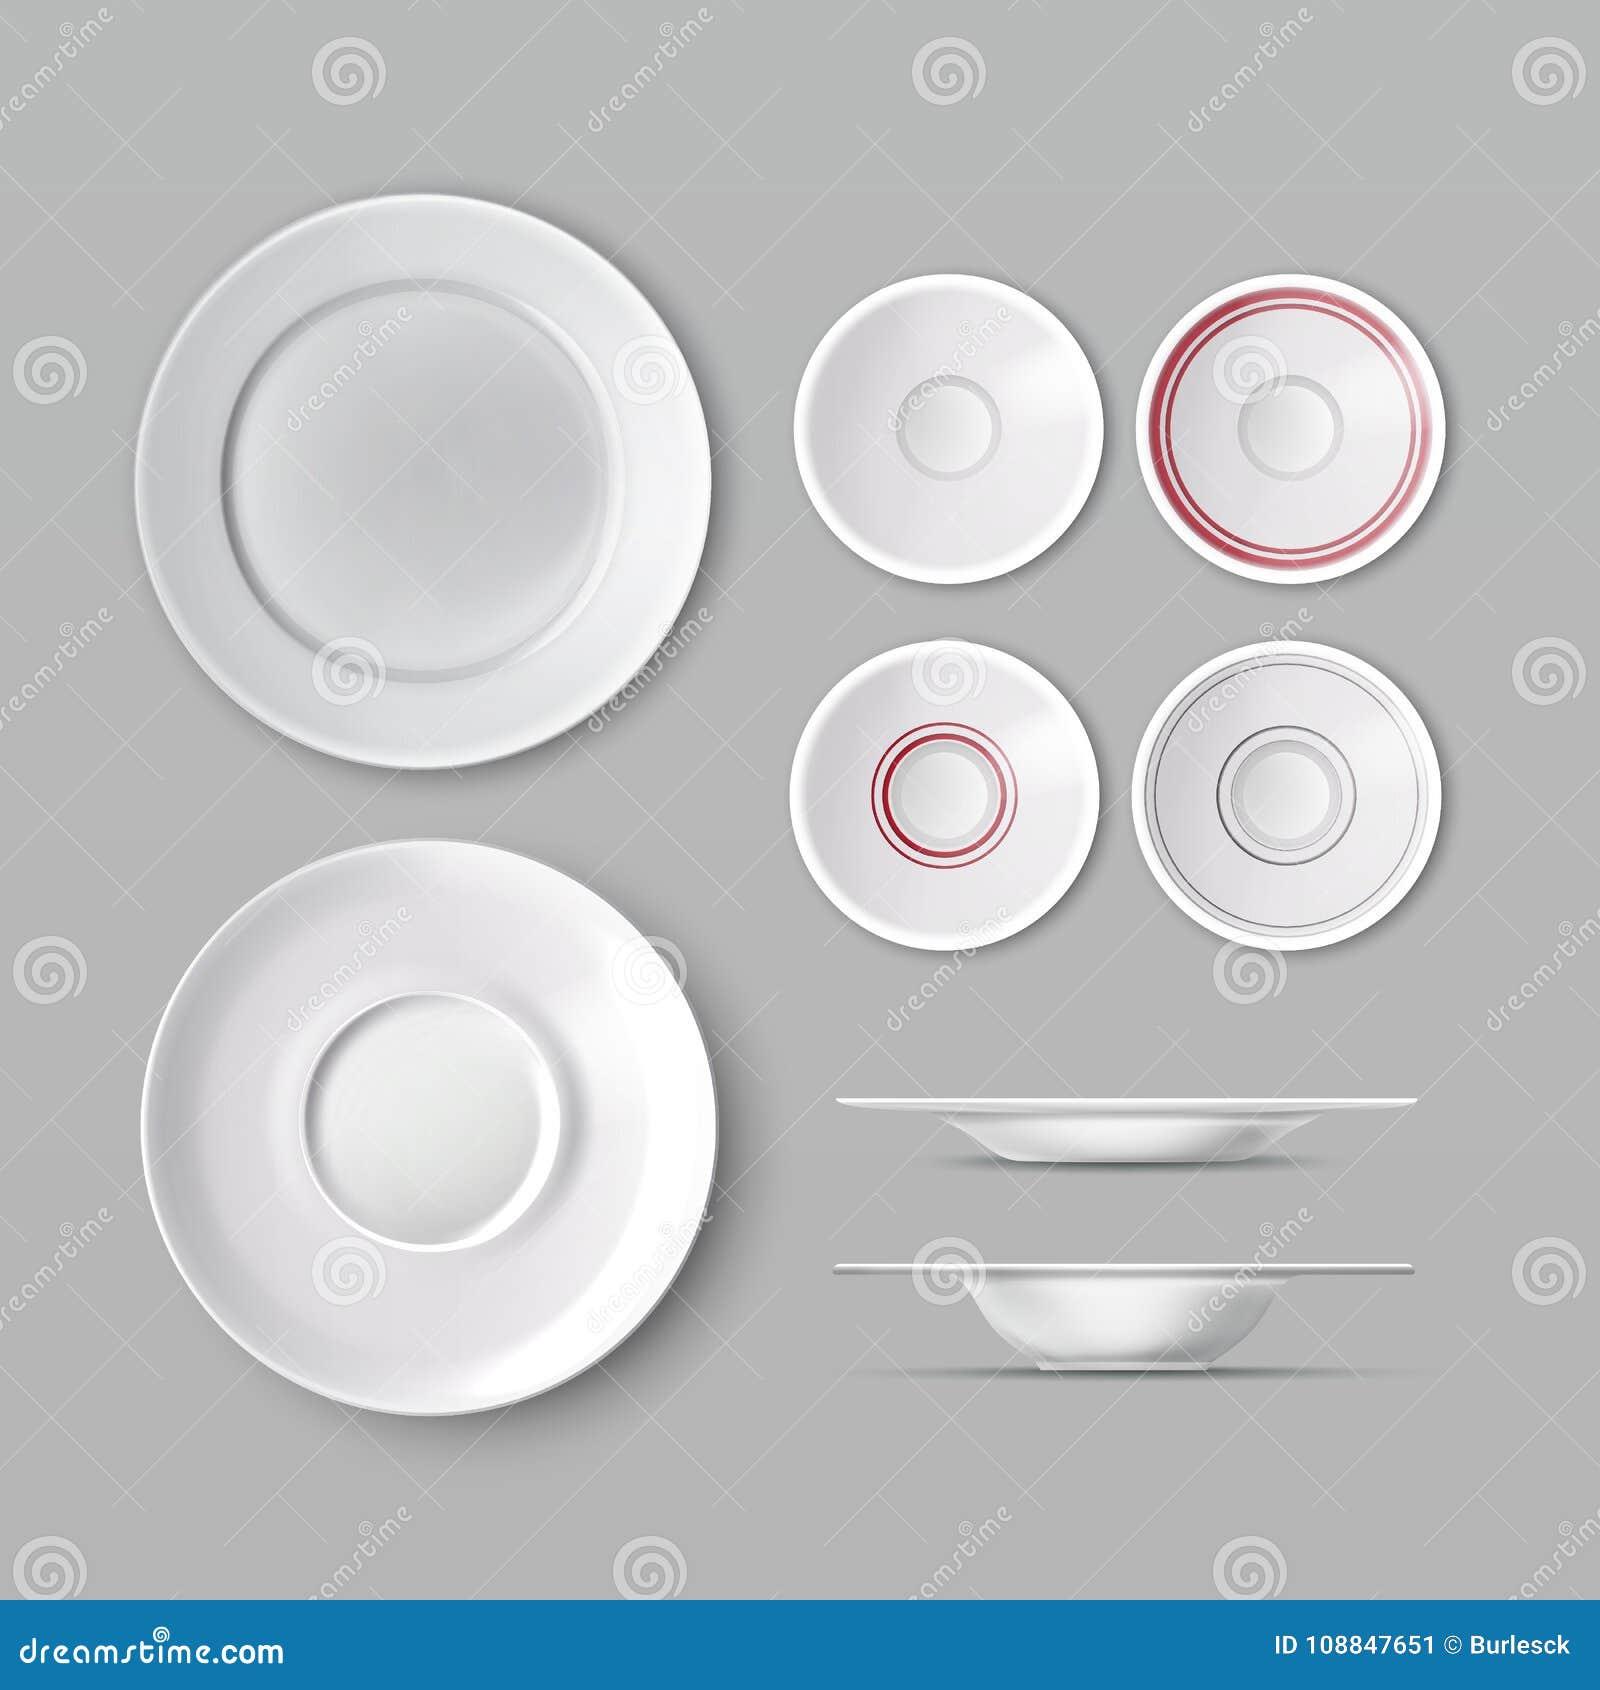 Set dishware